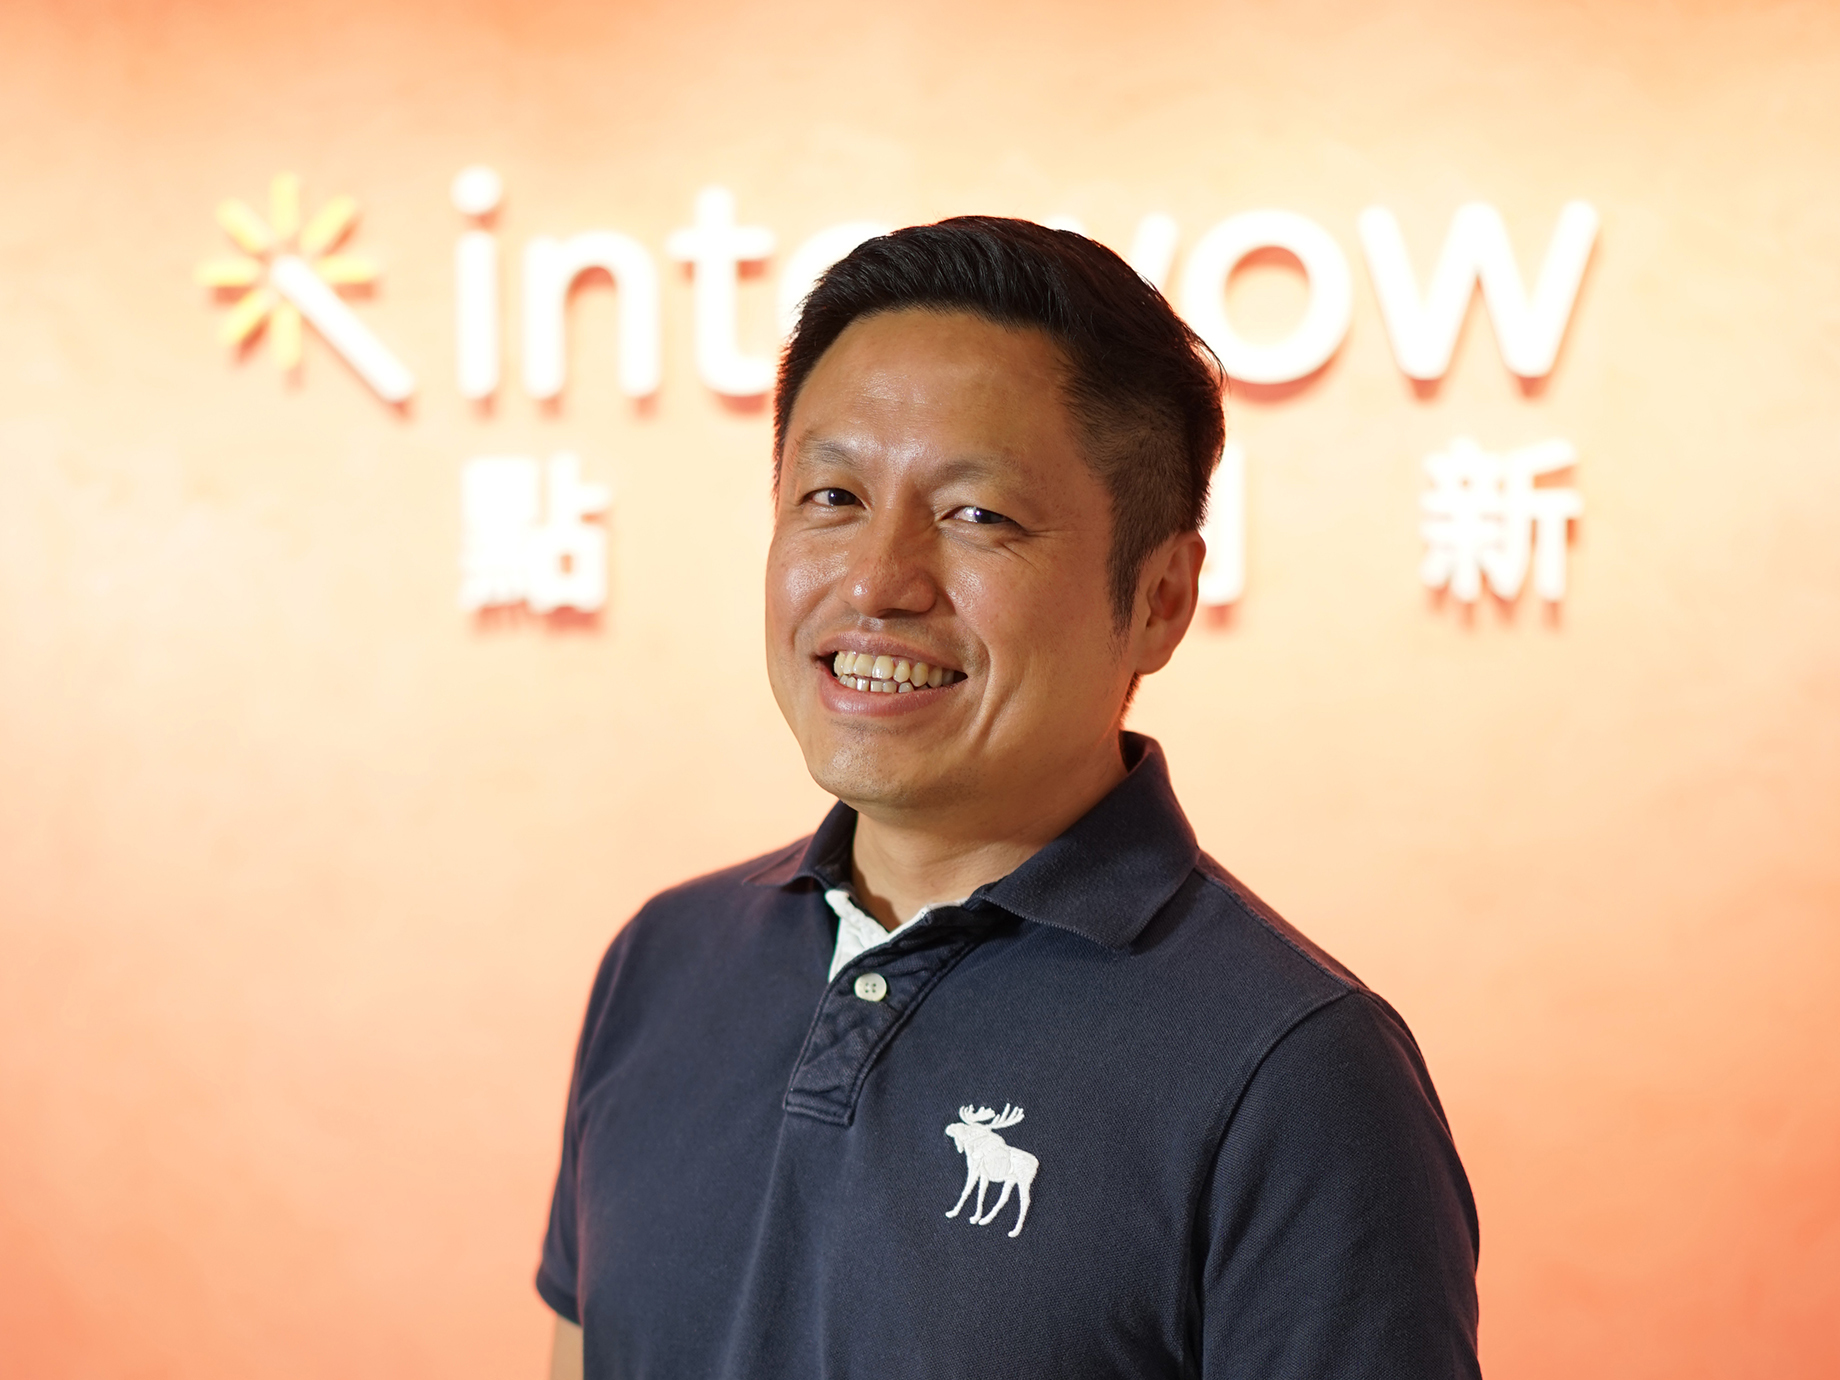 陳建銘(Intowow執行長):行動廣告,正進入亂世出英雄的時代